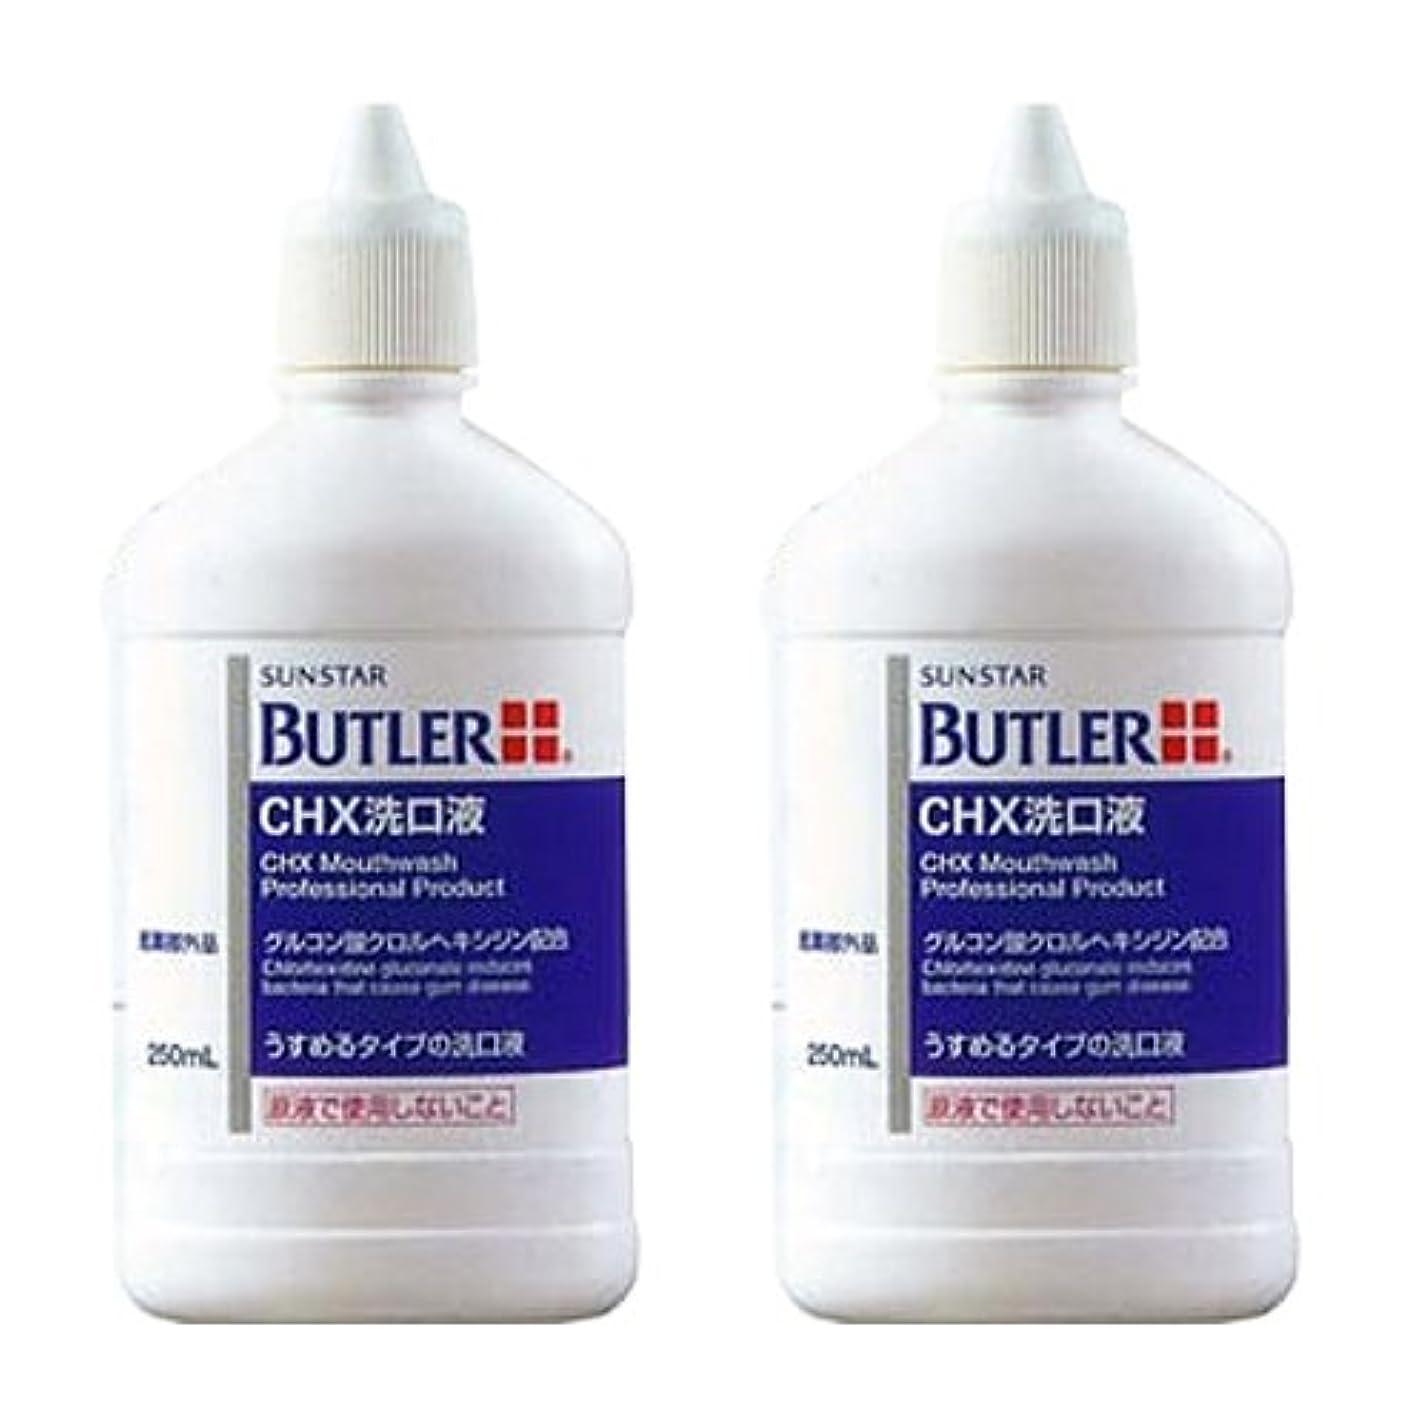 答えダルセット悲惨サンスター バトラー CHX 洗口液 250ml × 2本 医薬部外品